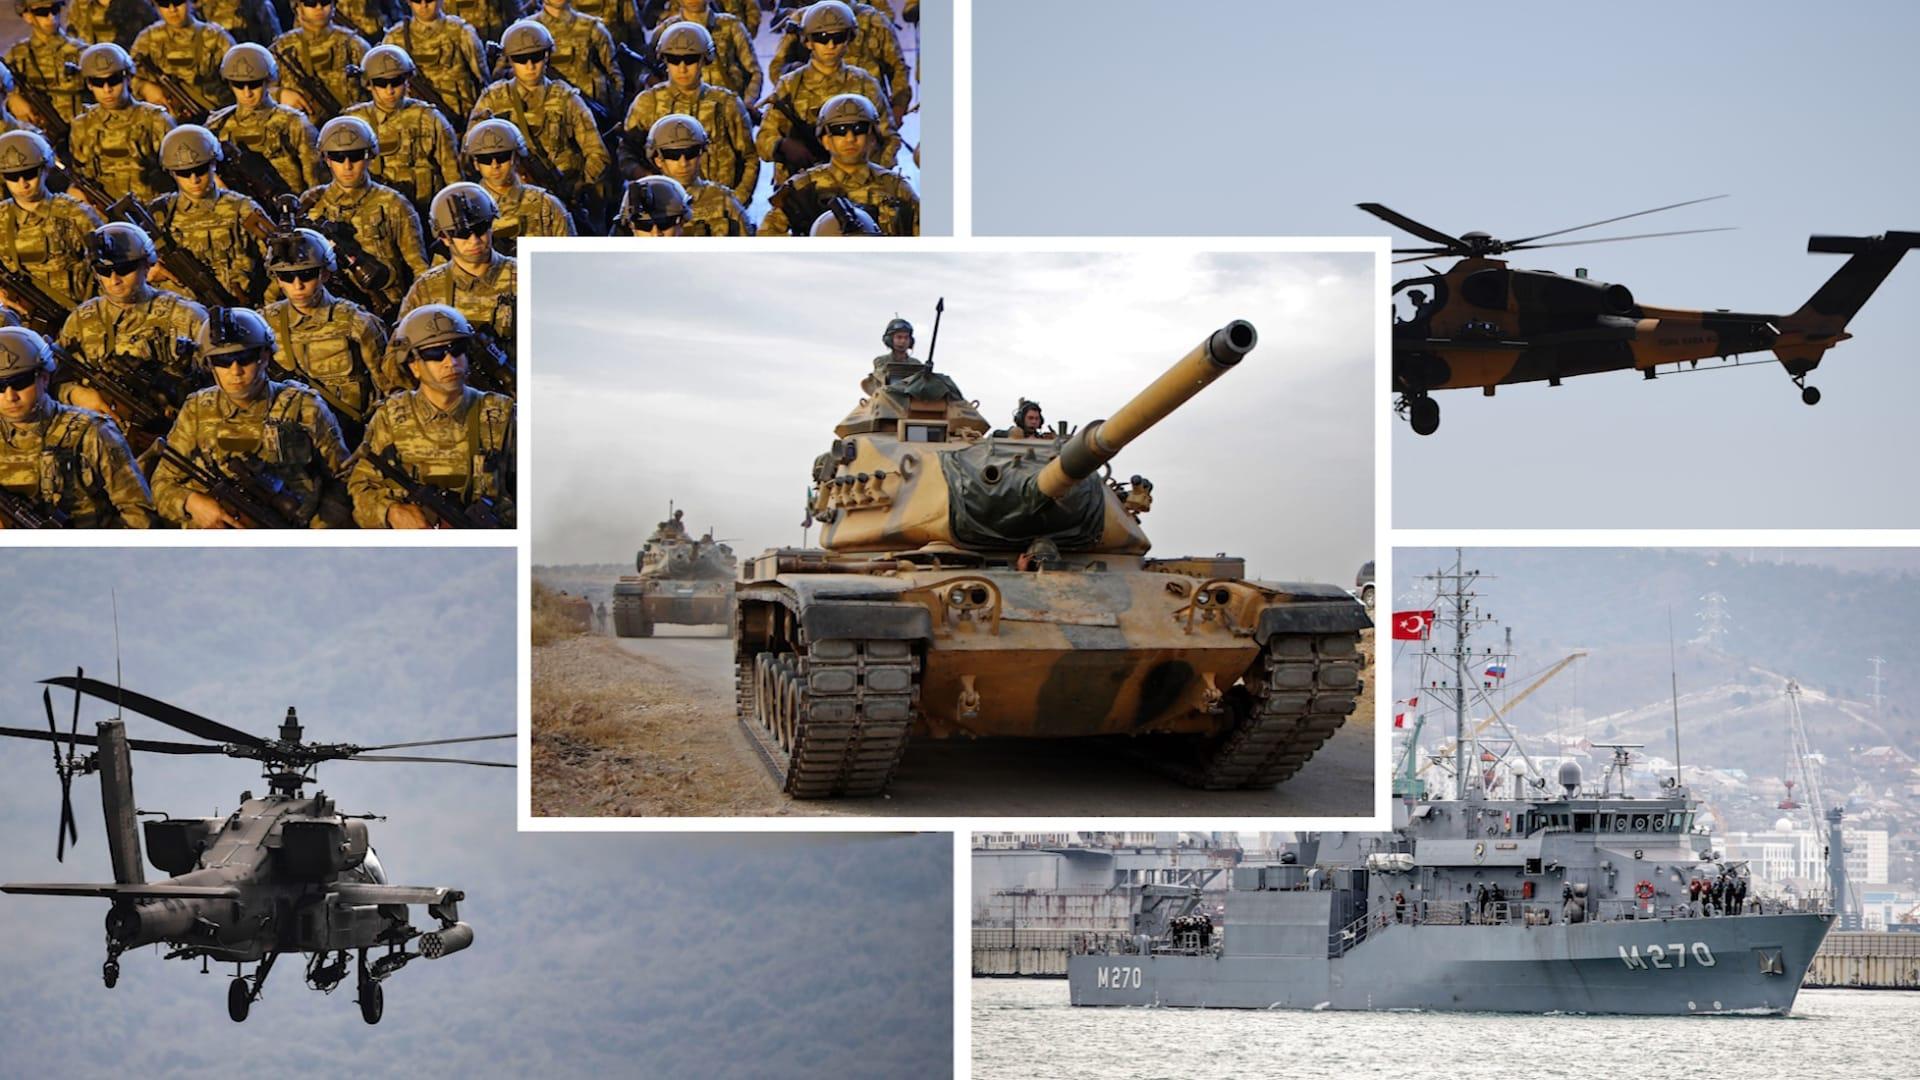 شاهد.. مقارنة بين قوة الجيش التركي ونظيره اليوناني